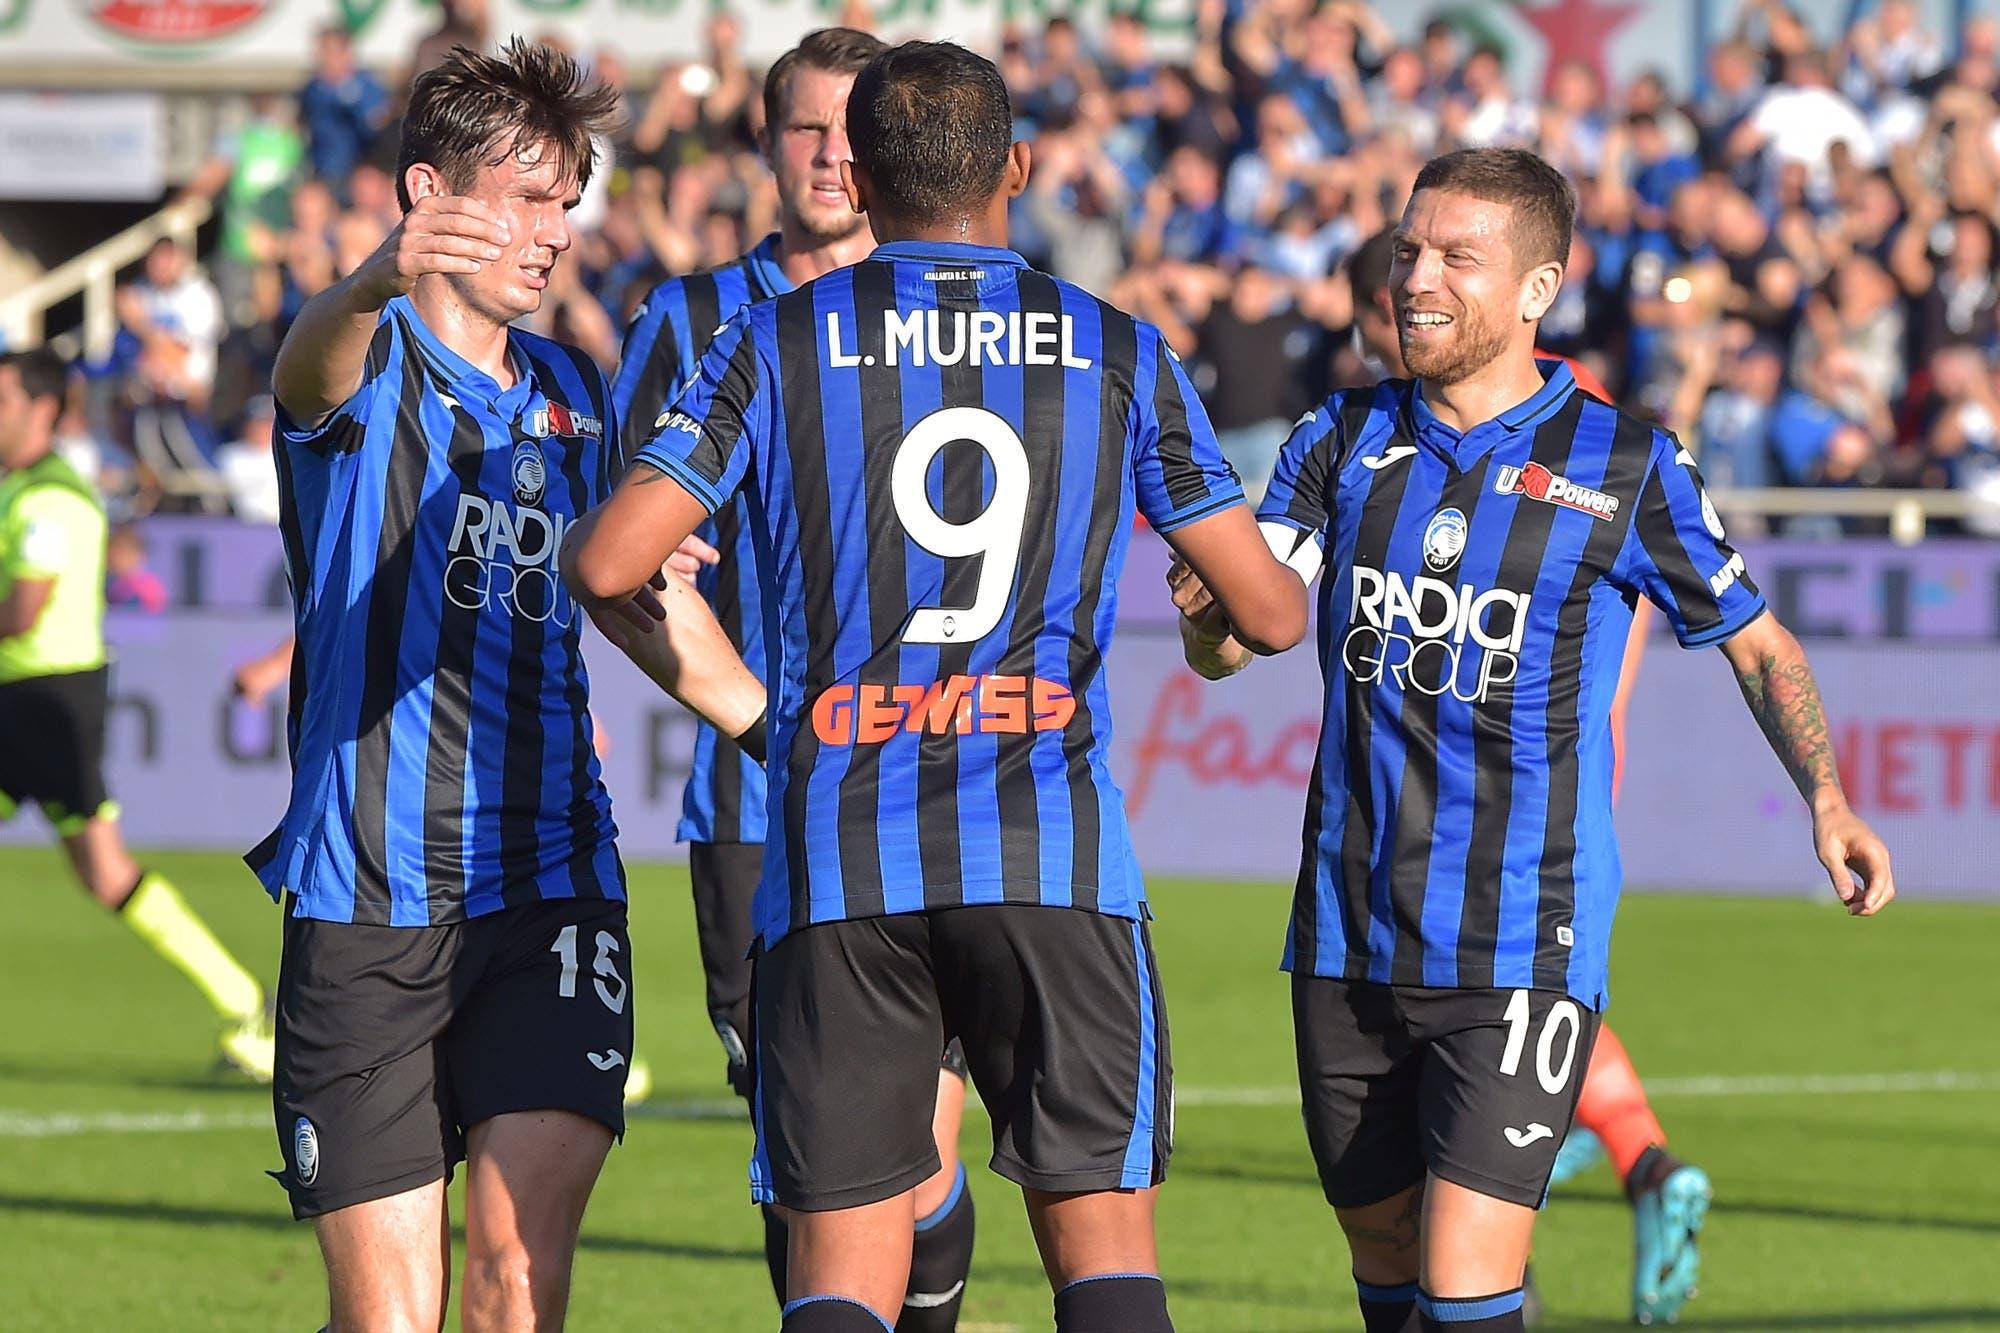 Atalanta, la sensación de Italia: un 7-1 a Udinese que sufrieron dos jugadores de la selección argentina